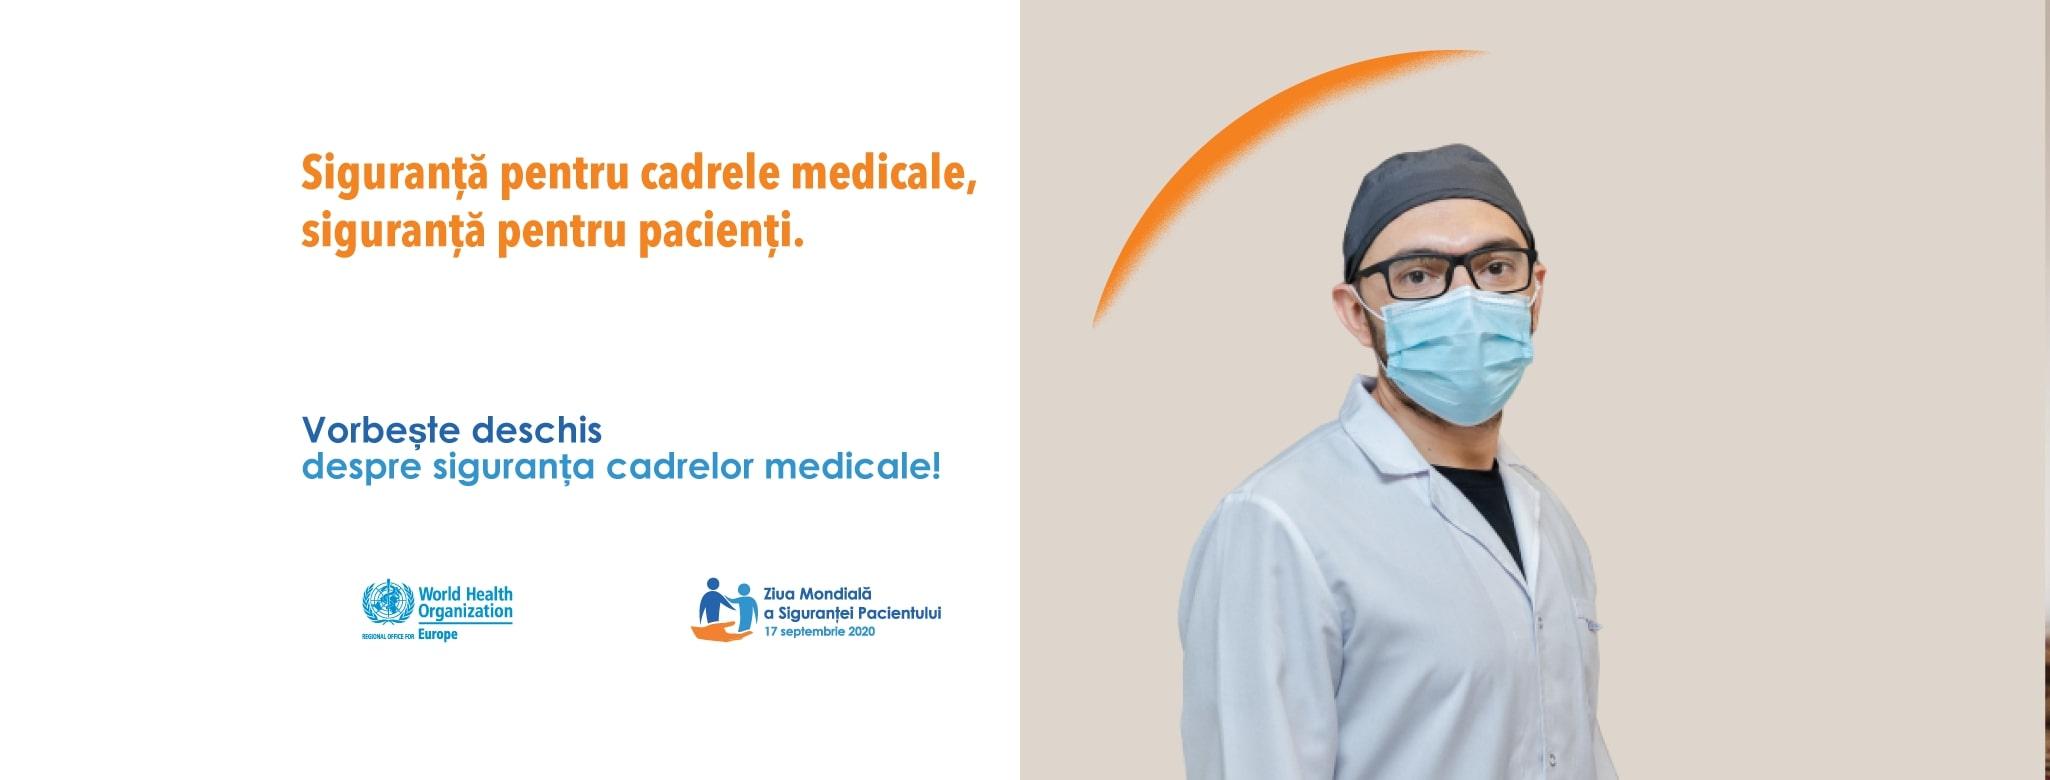 Spitalul de Pneumoftiziologie din Sibiu va fi iluminat în portocaliu